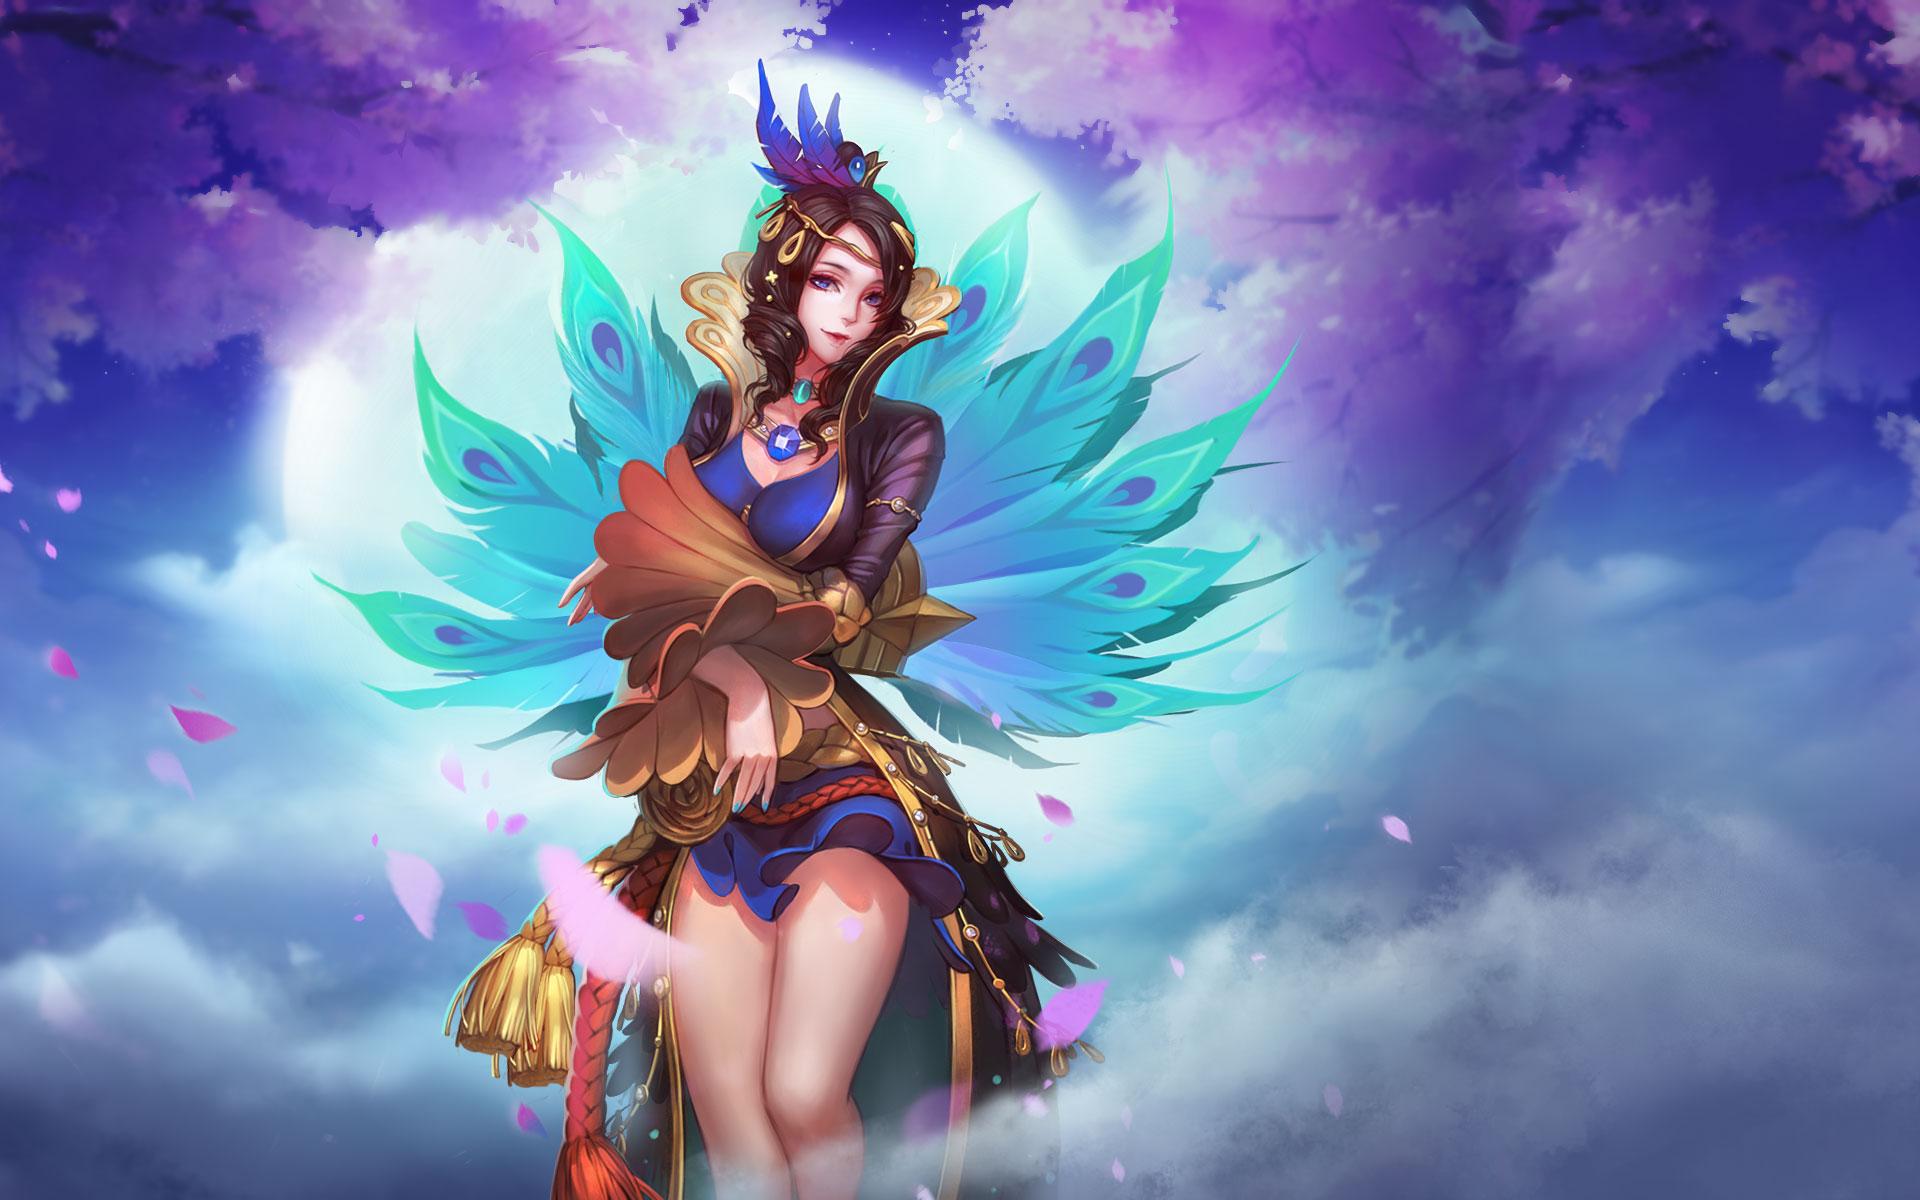 【新皮肤】洛神-飞羽女王